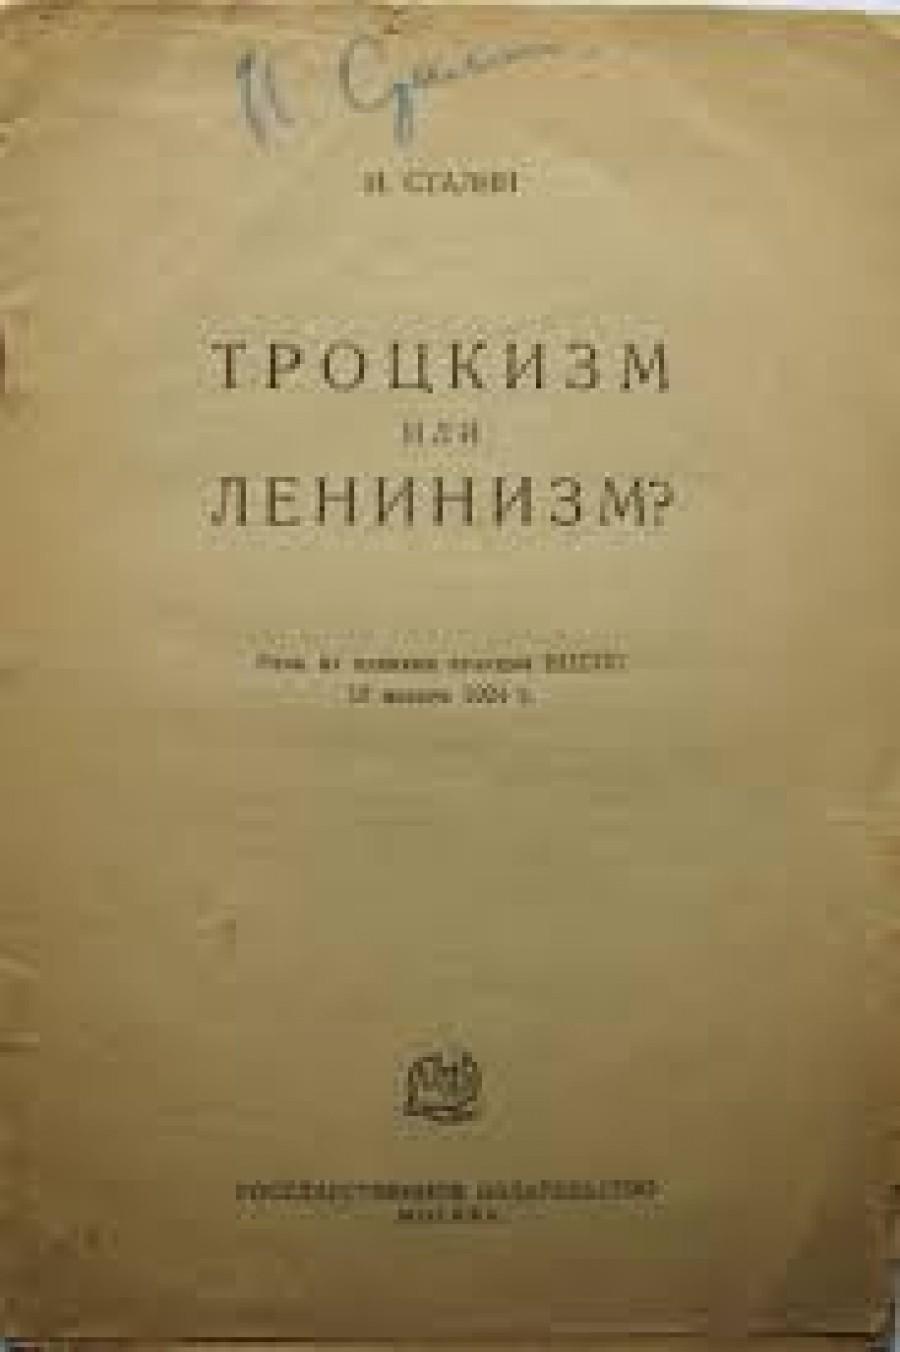 Brožura J. V. Stalina Trockismus nebo leninismus  je brilantním projevem bolševického revolucionáře, který pochopil, že maloměšťáctví zaobalenému ultrarevoloční frází a fanfarónstvím ukřivděného menševika je třeba demokraticky zatnout tipec...